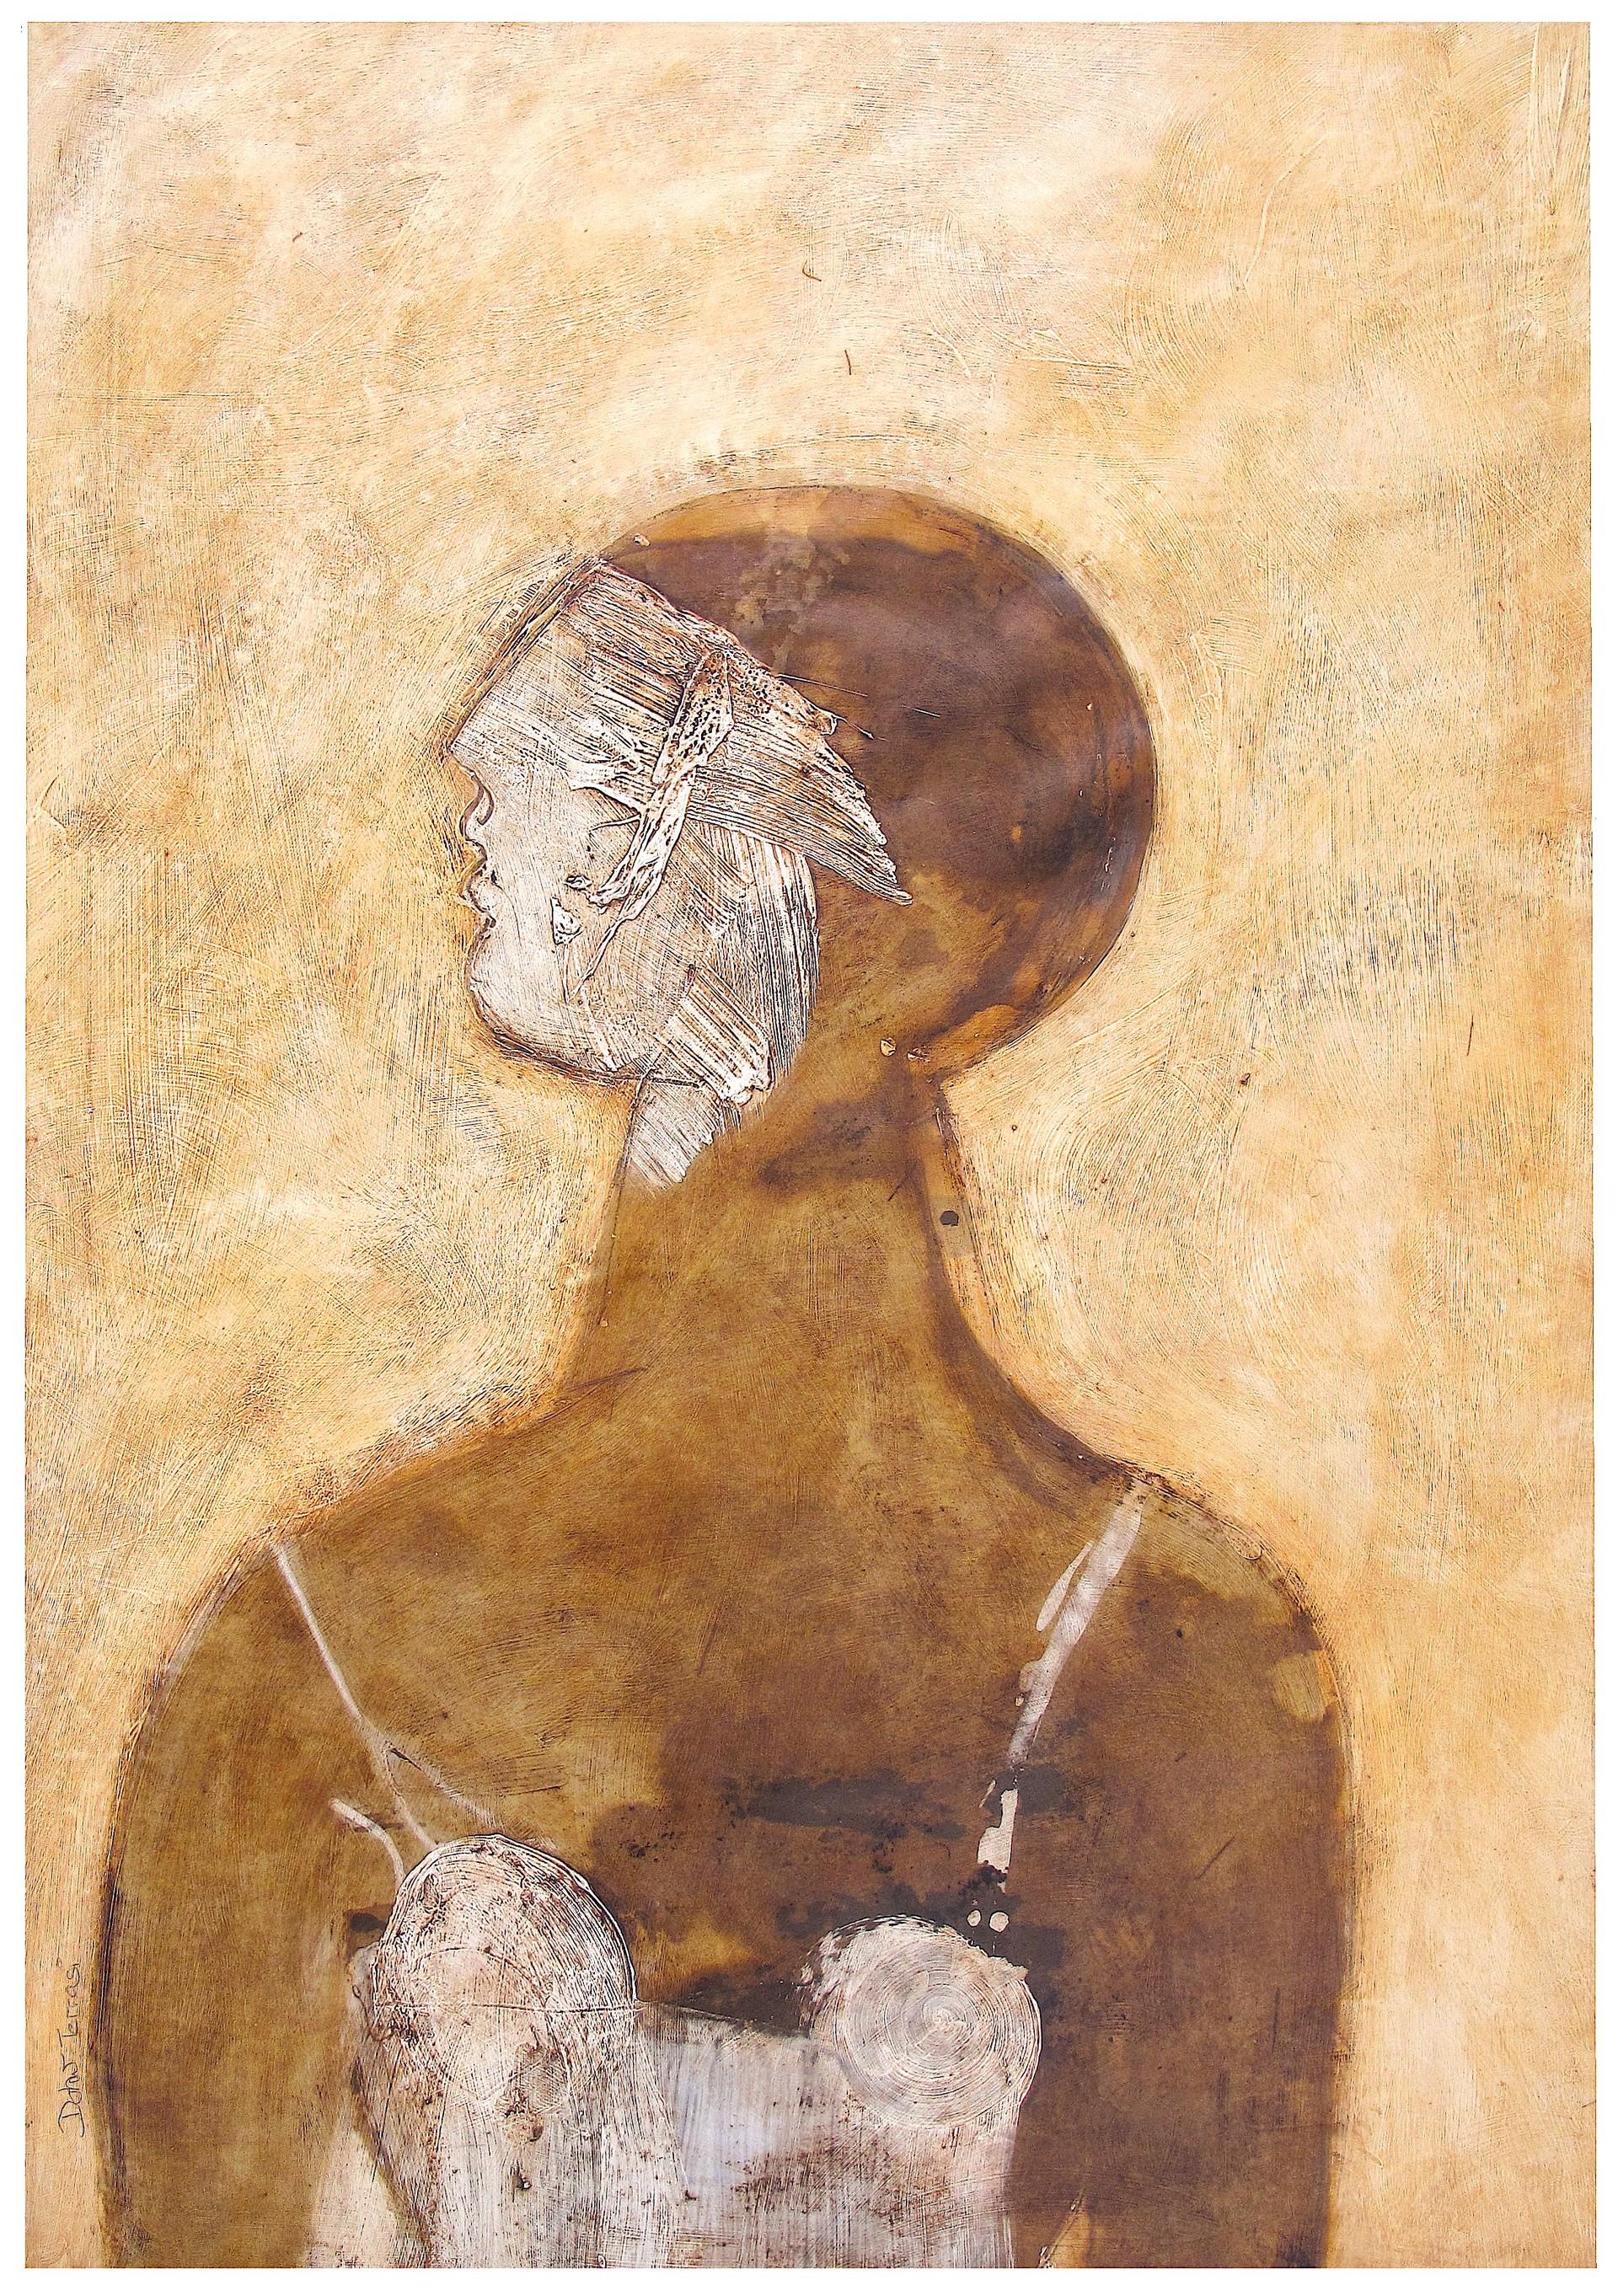 Shieldmaiden by Chrissy Dolan-Terrasi